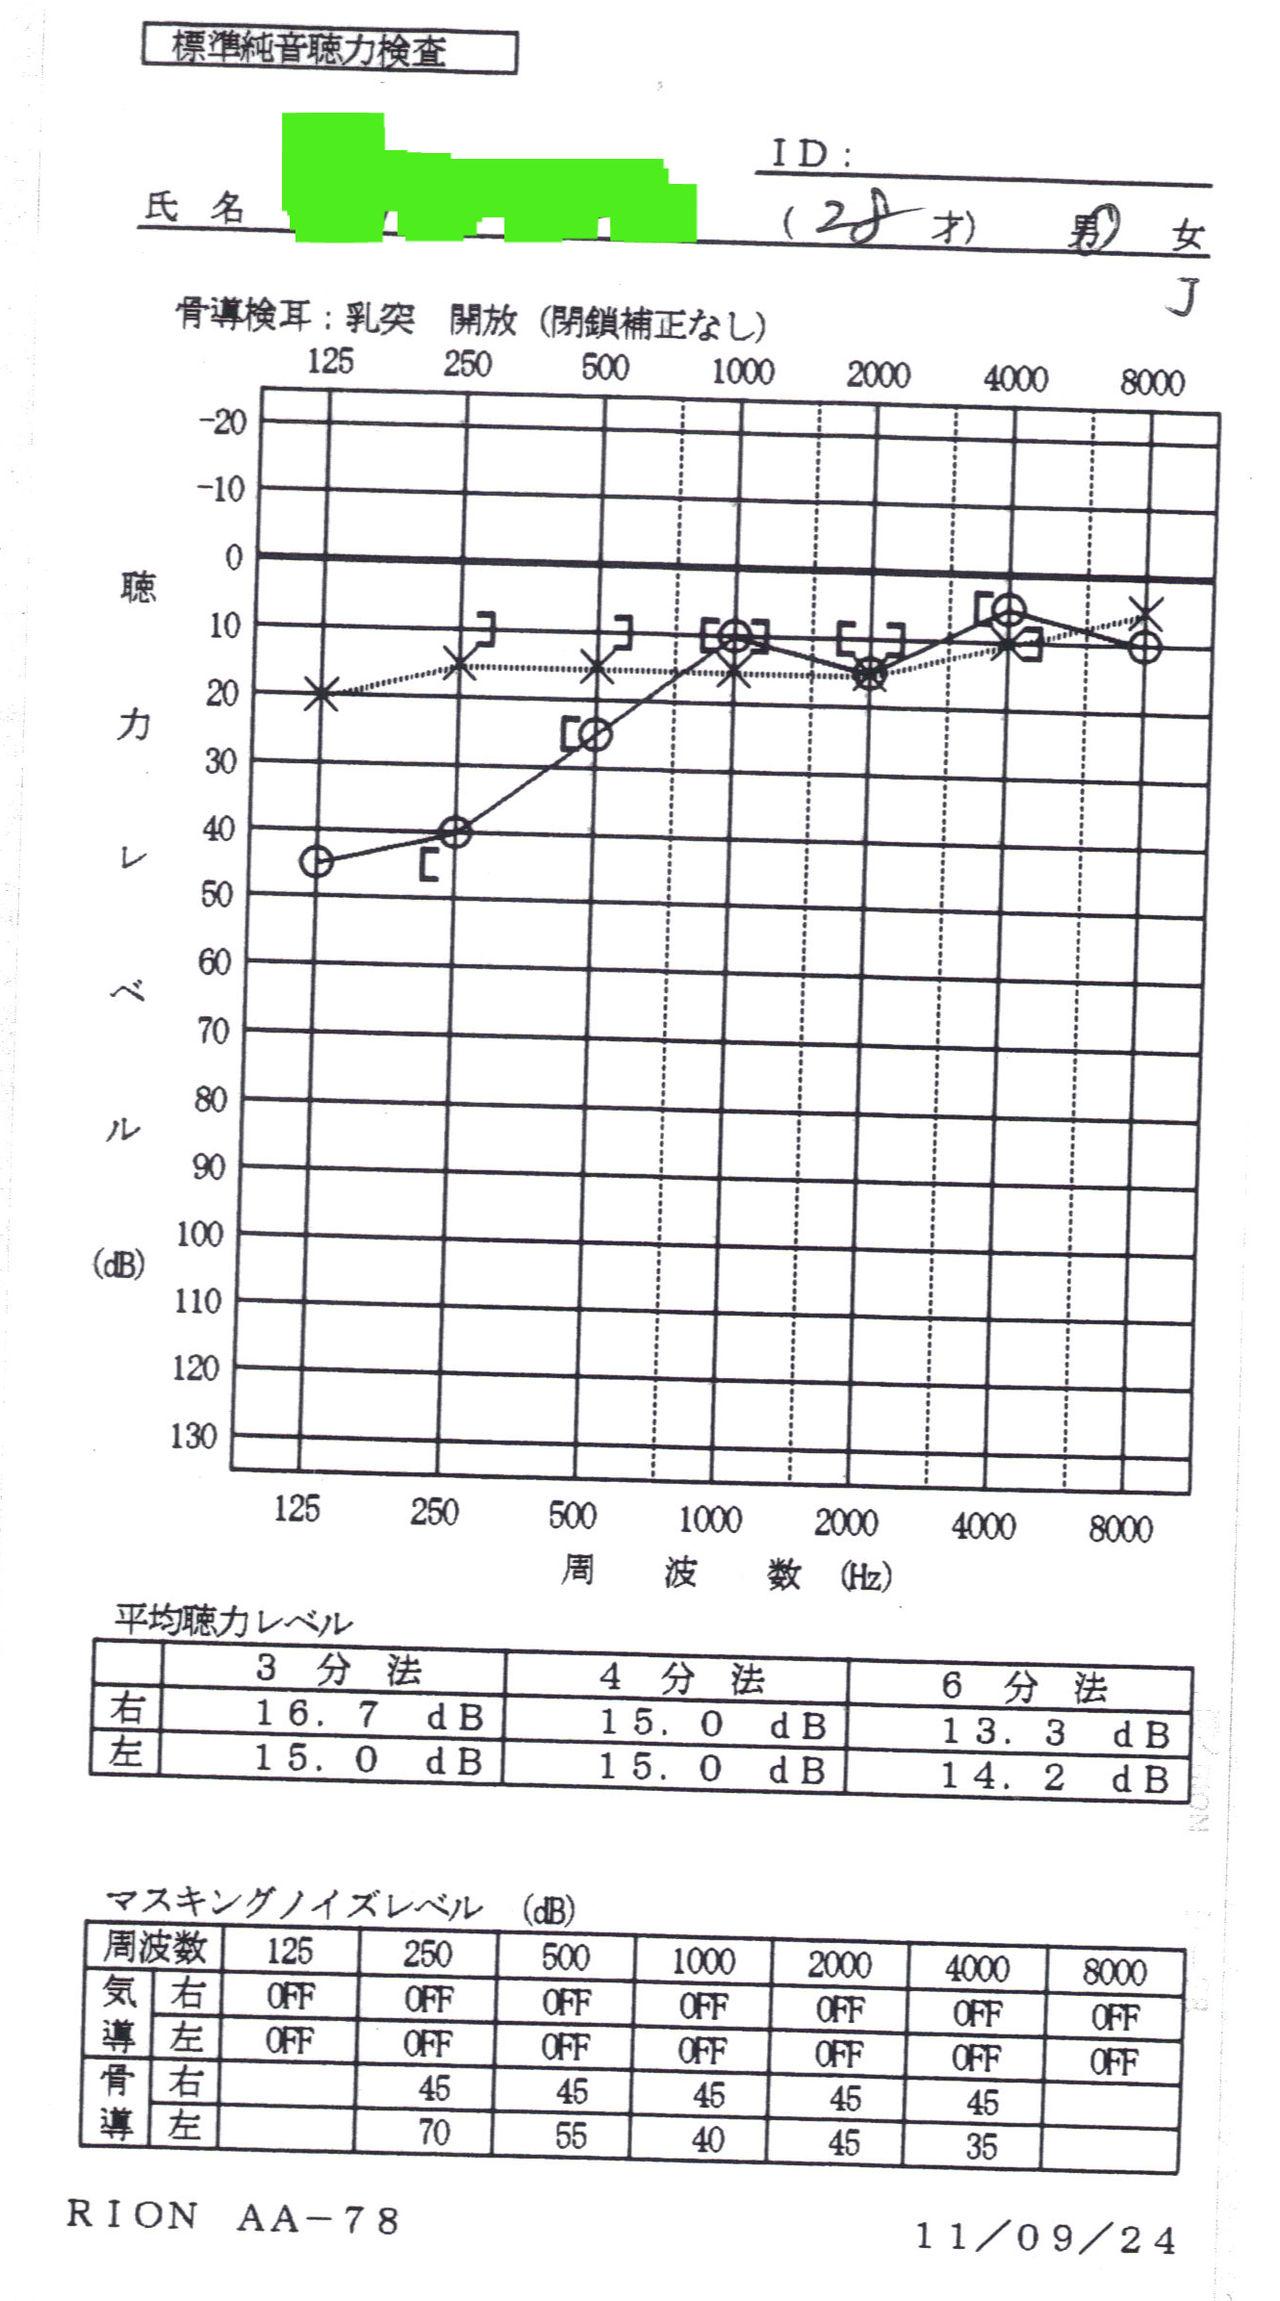 感 音 障害 性 低音 難聴 型